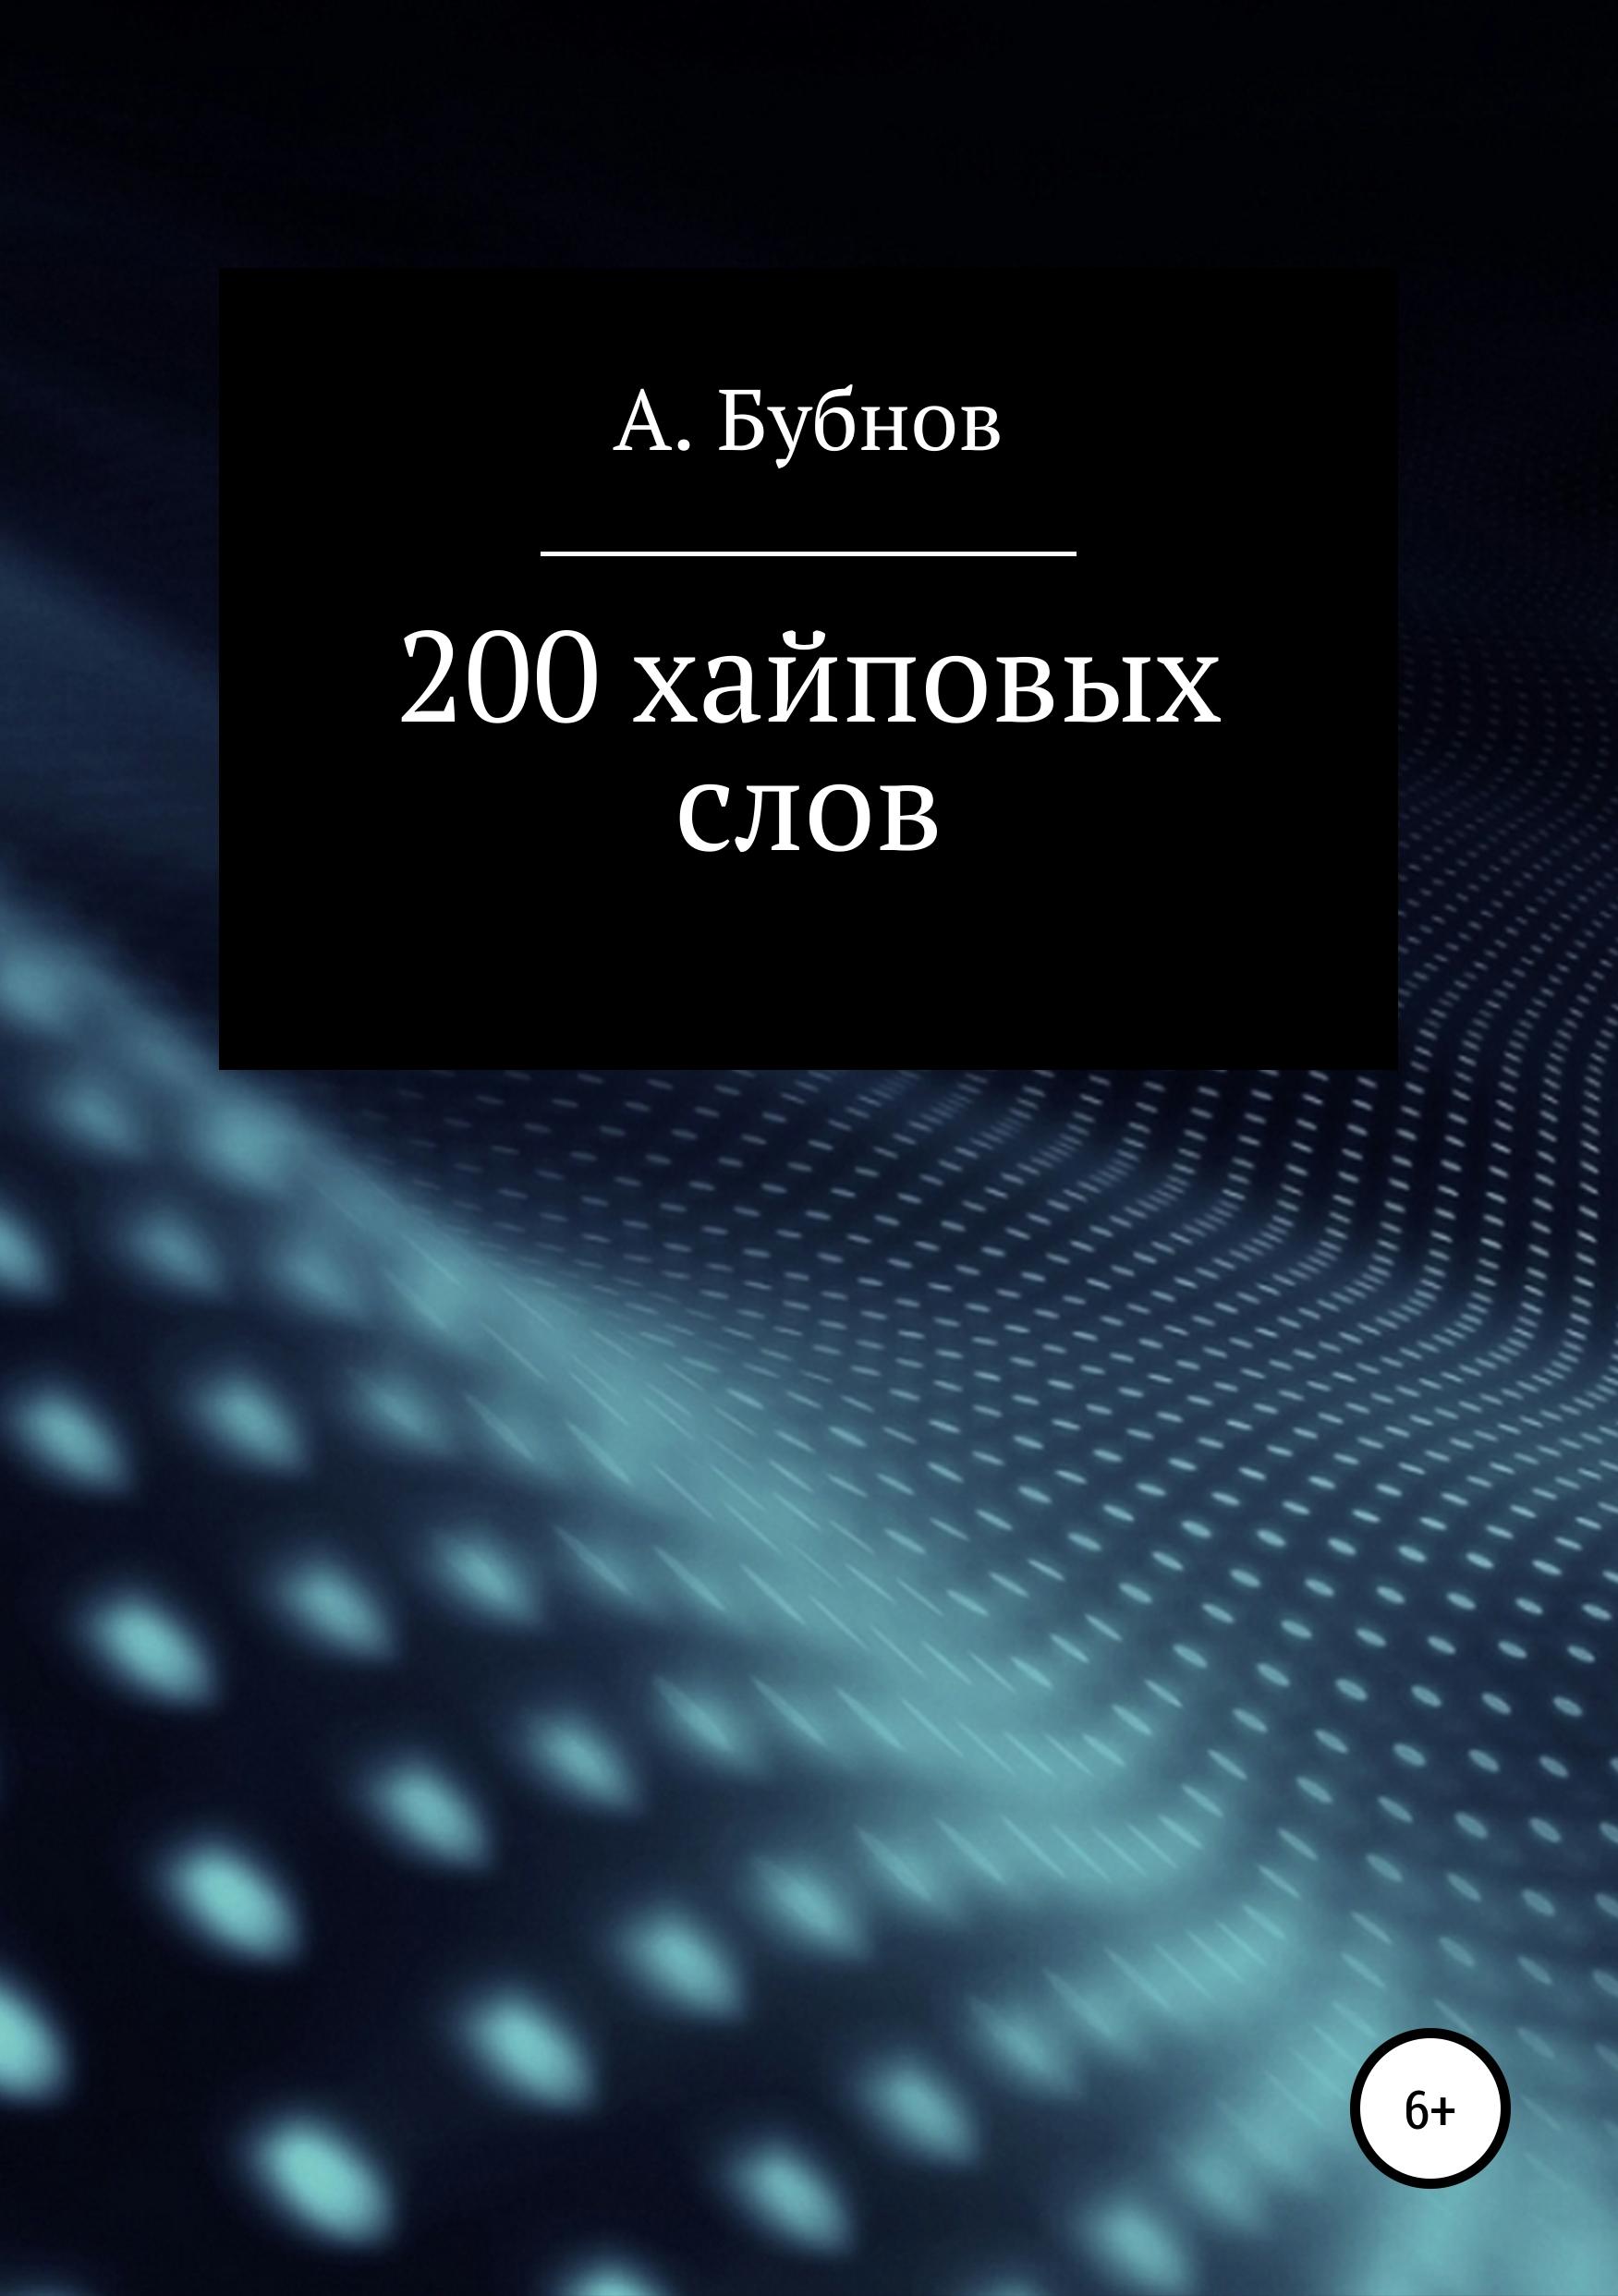 200 хайповых слов